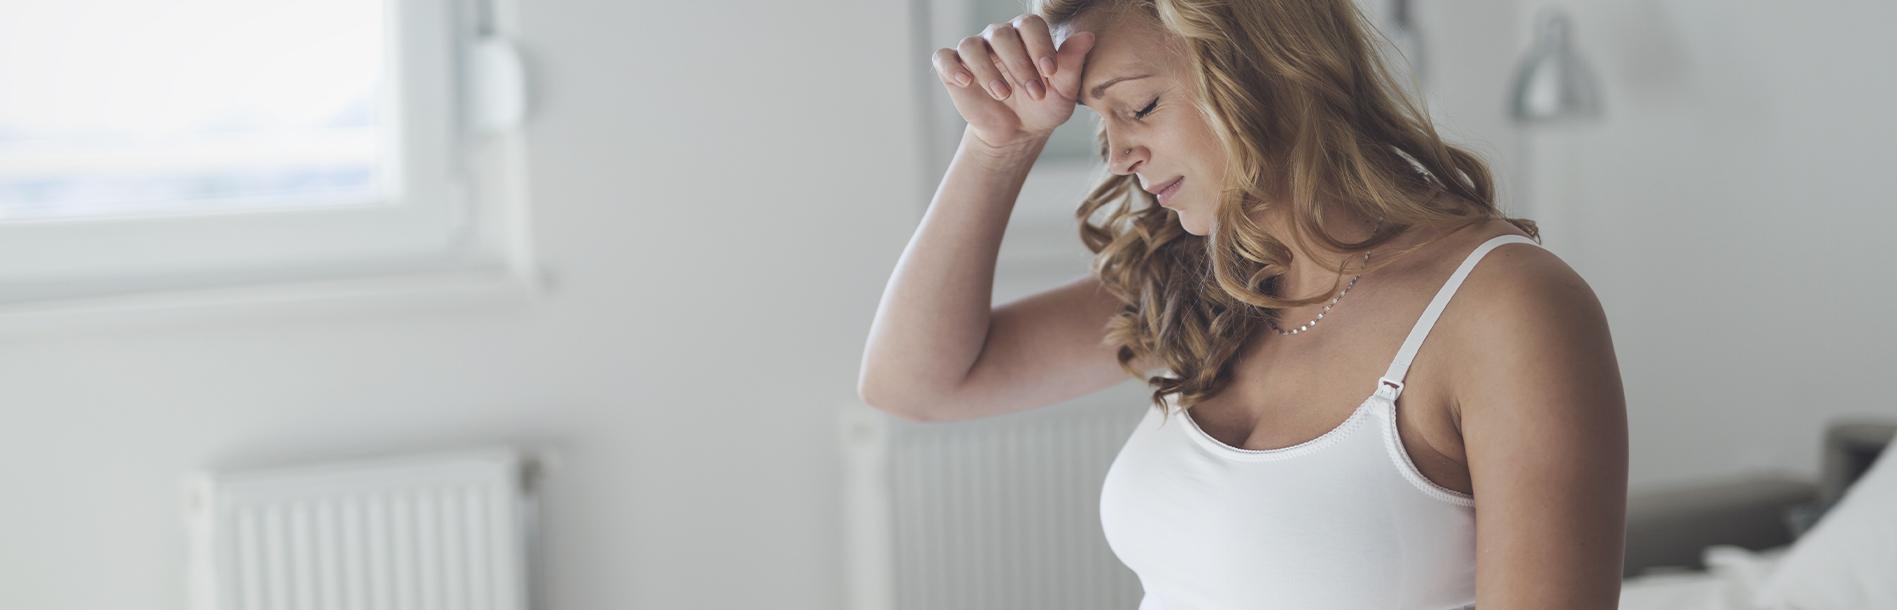 Remédio para dor de cabeça na gravidez: posso tomar?